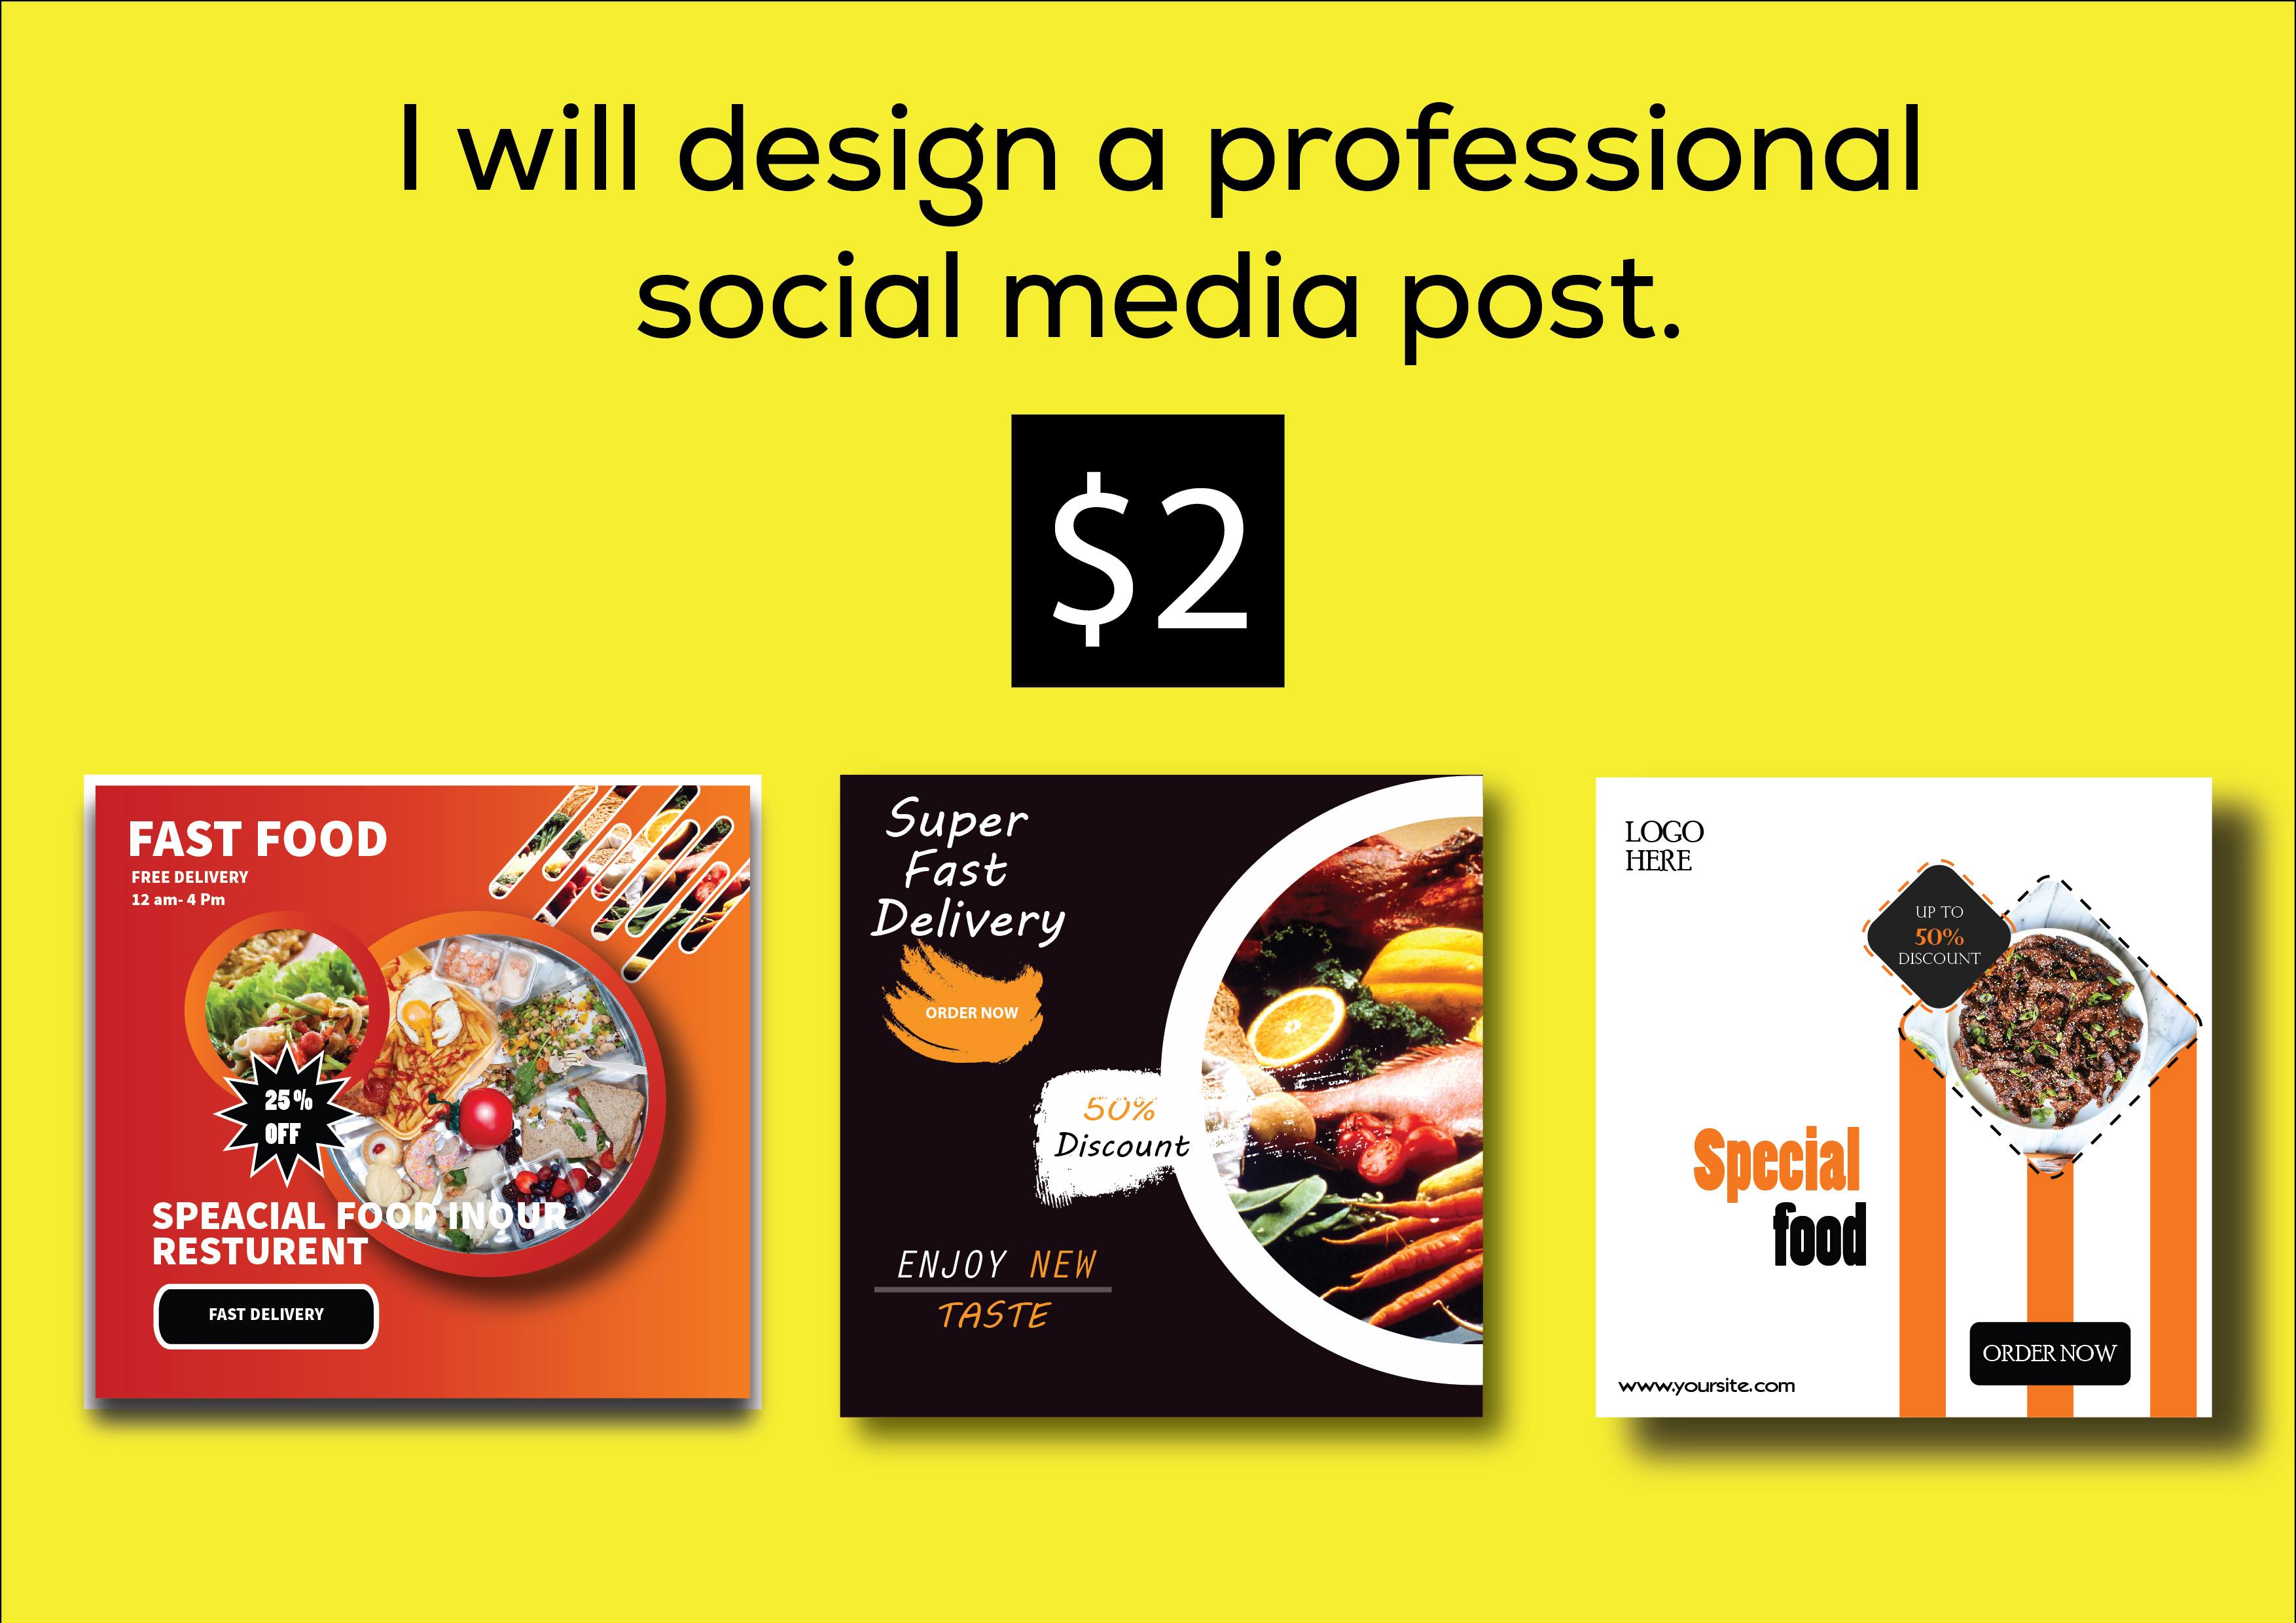 I will design a professional social media post.